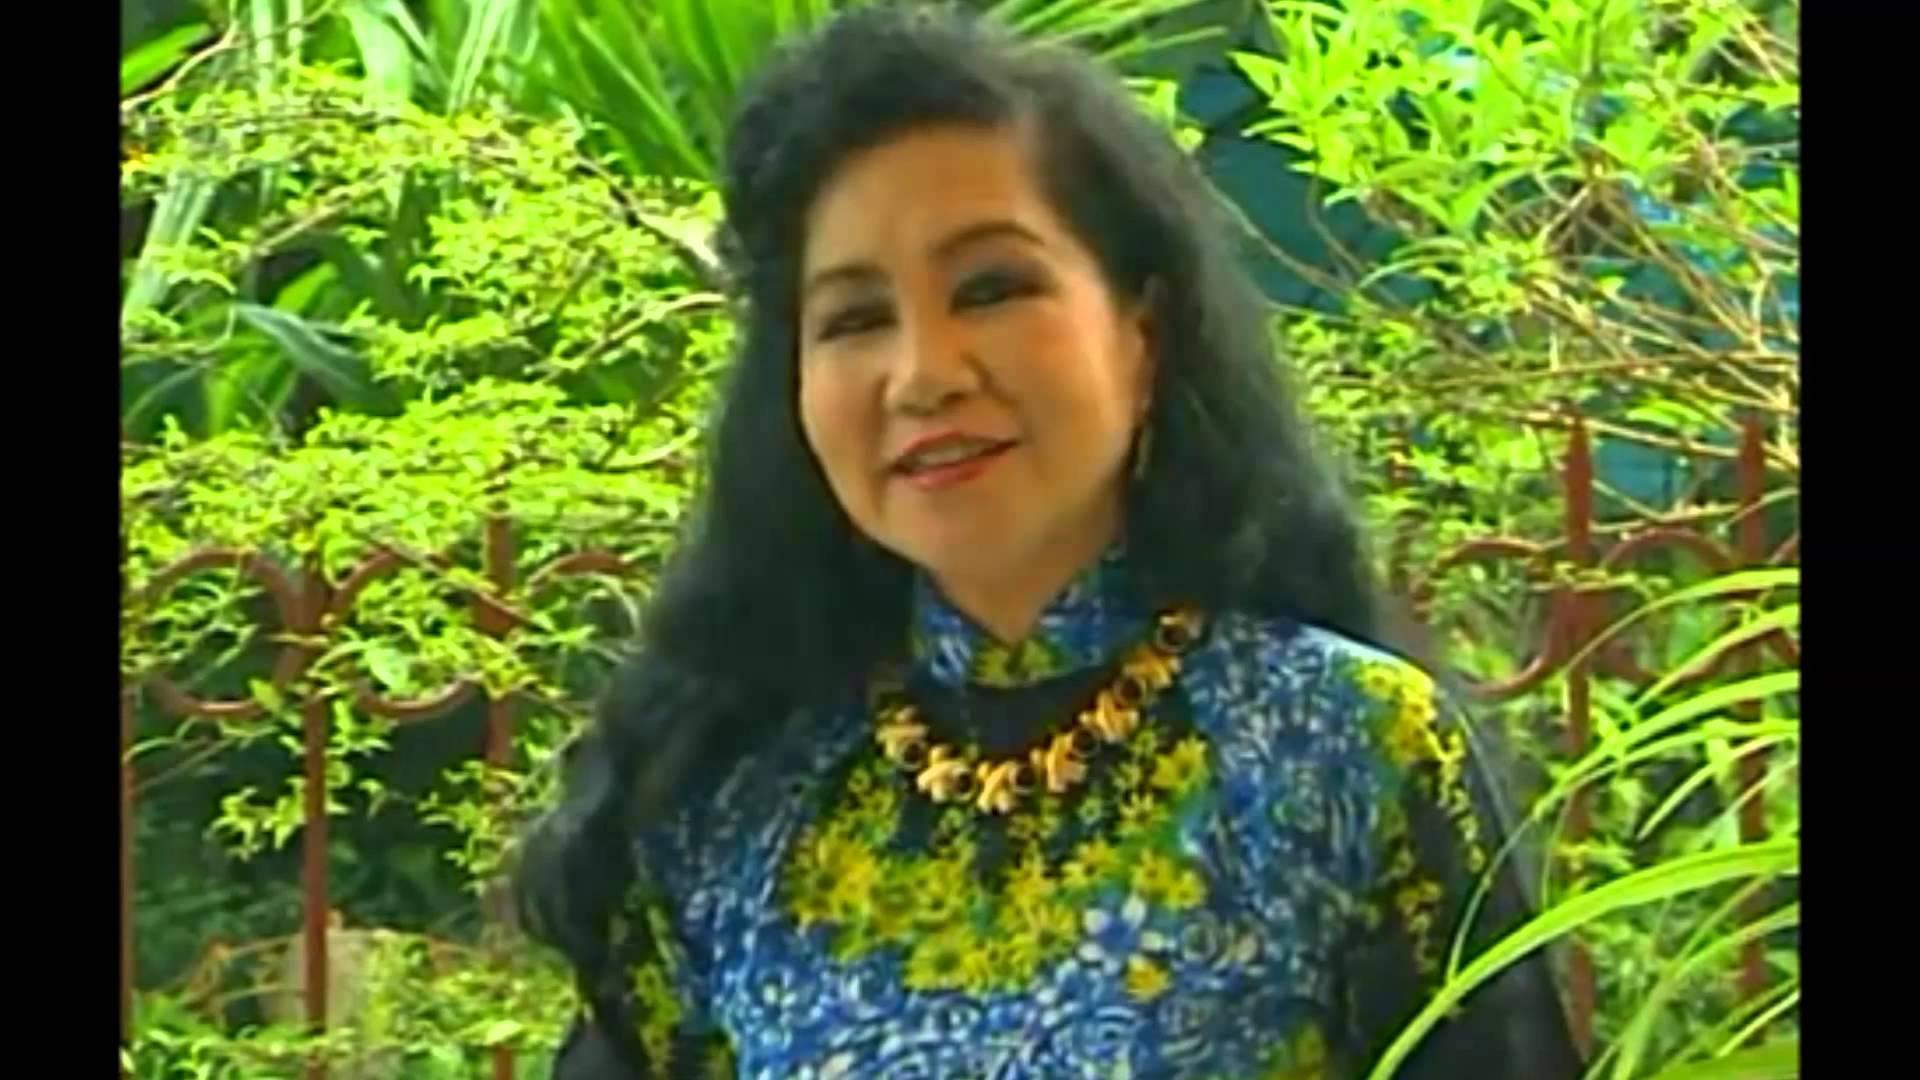 Hình ảnh Lời bài hát Mẹ yêu con: Một khúc sử thi về tình mẫu tử của nhạc sĩ Nguyễn Văn Tý số 4